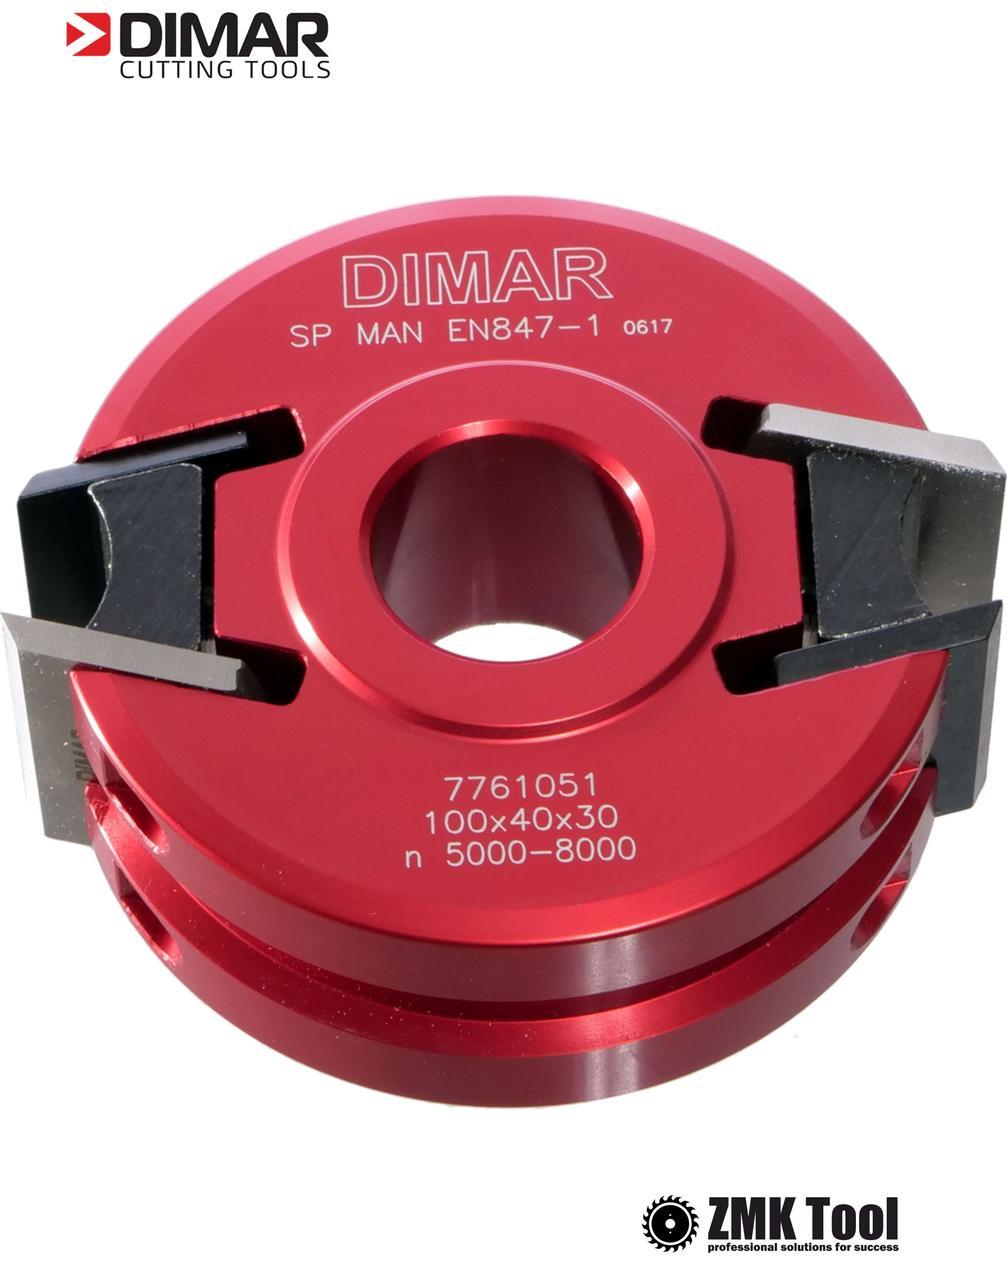 Фреза насадная DIMAR мультипрофильного D=100 d=30 B=40 Z2. алюминиевый корпус